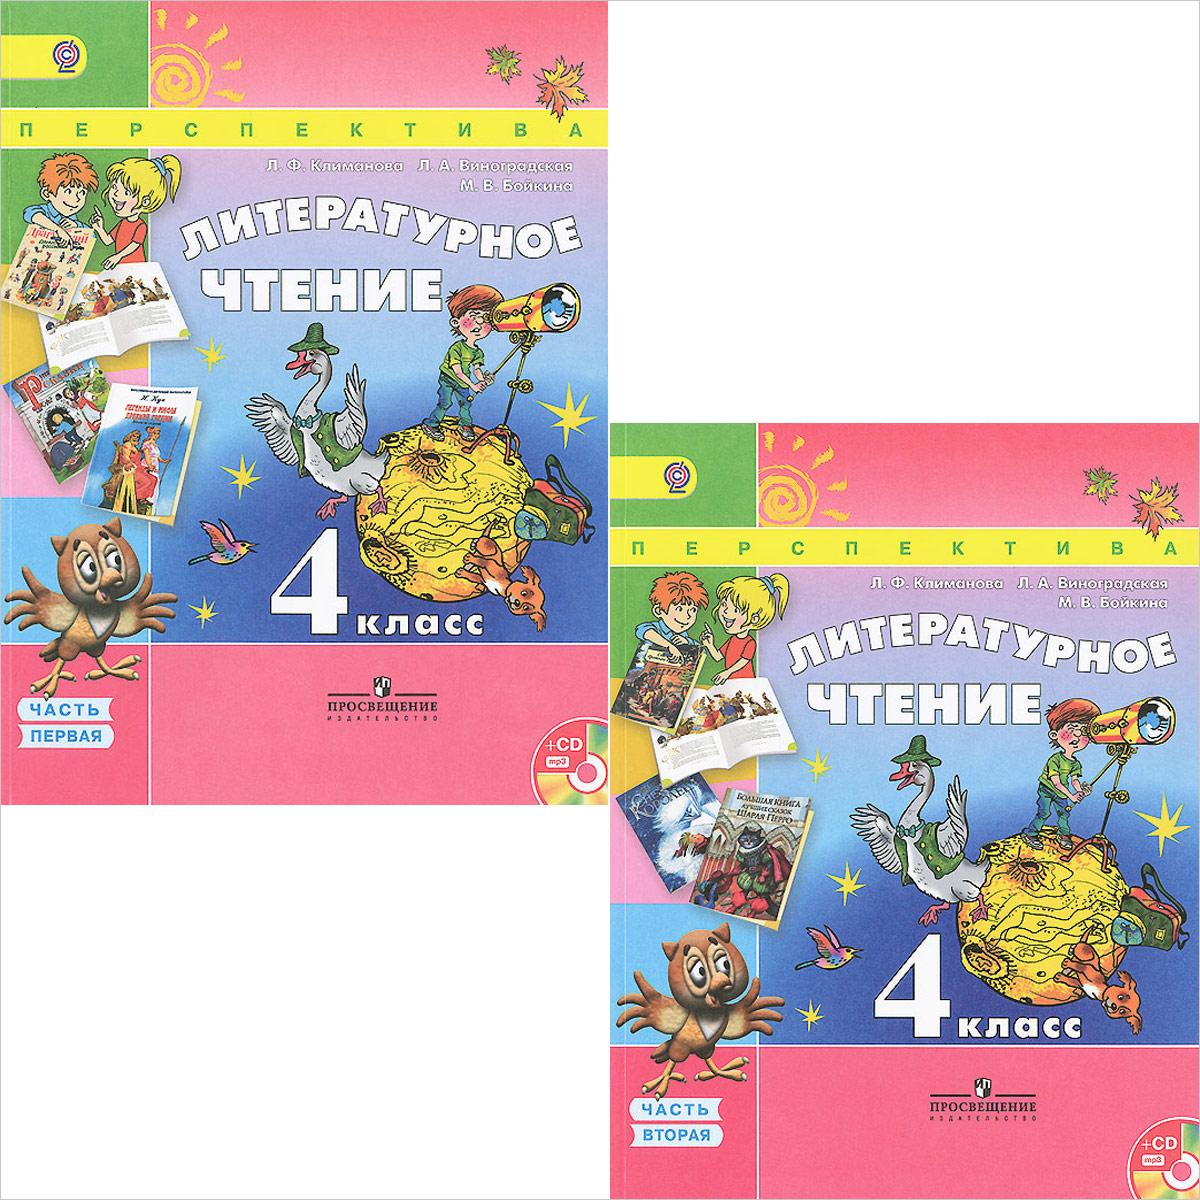 Литературное чтение. 4 класс. Учебник. В 2 частях (комплект + CD)